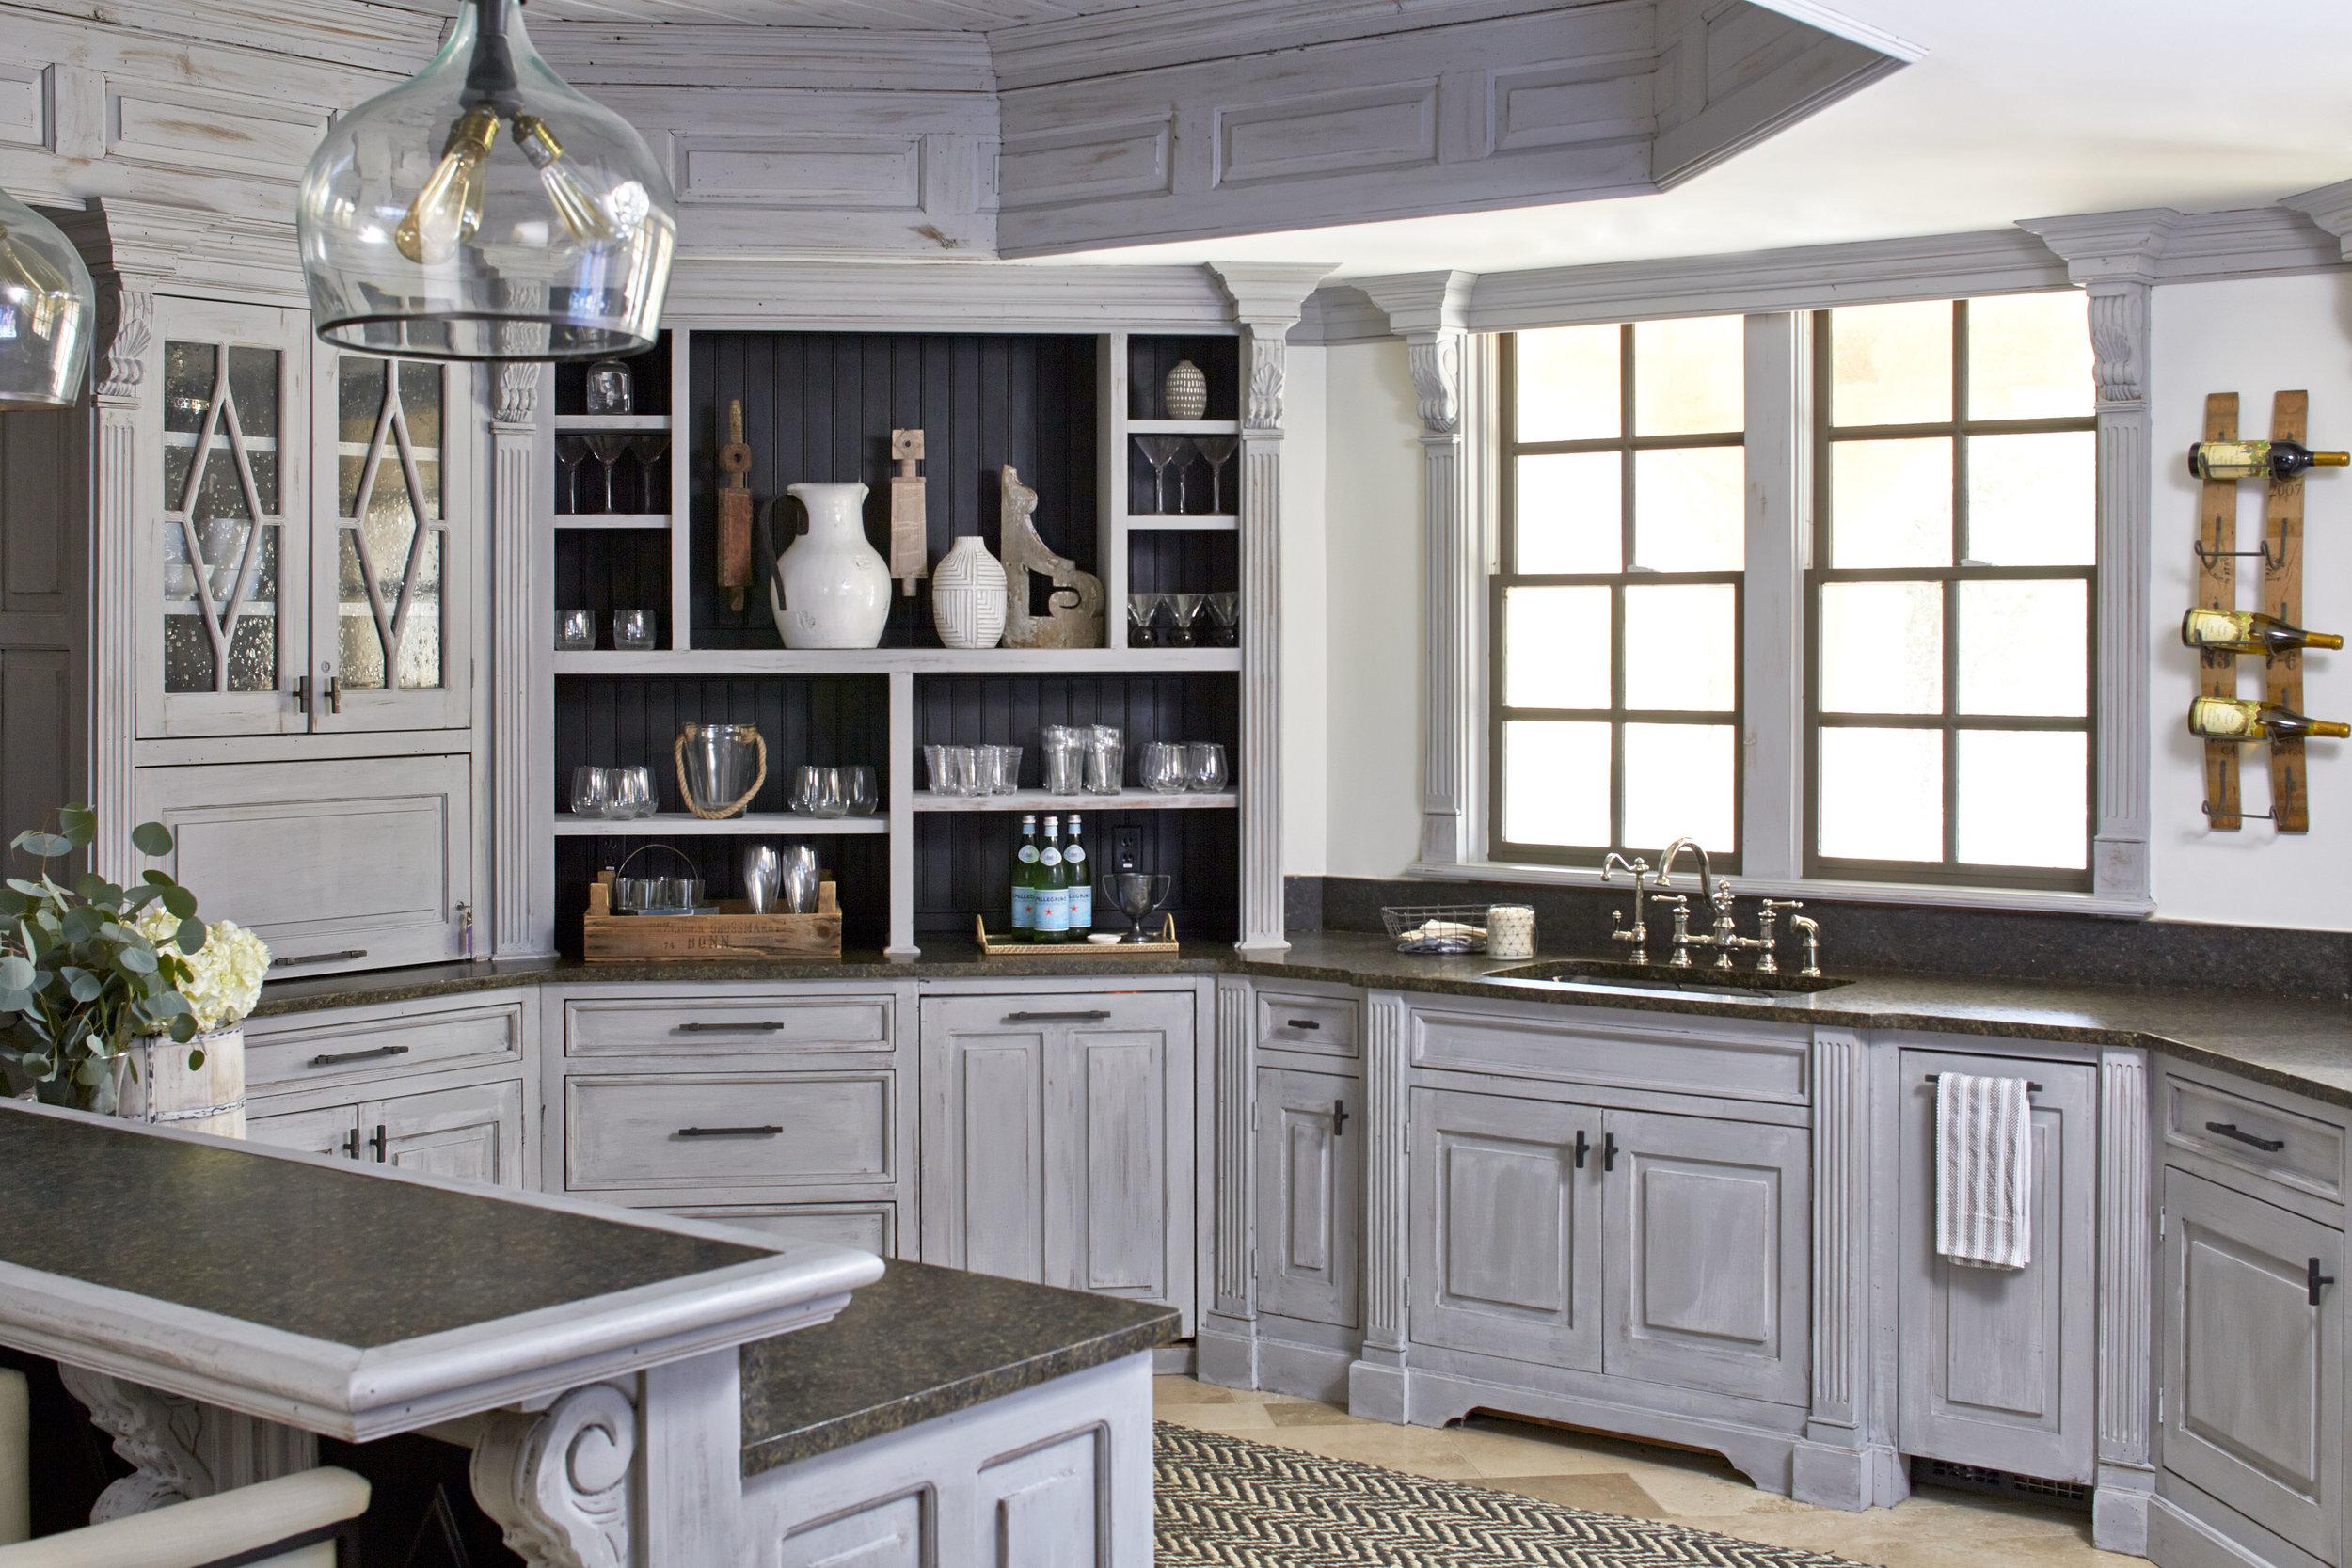 Gabrielson_Foxhollw_2_Basement_Kitchen.jpg